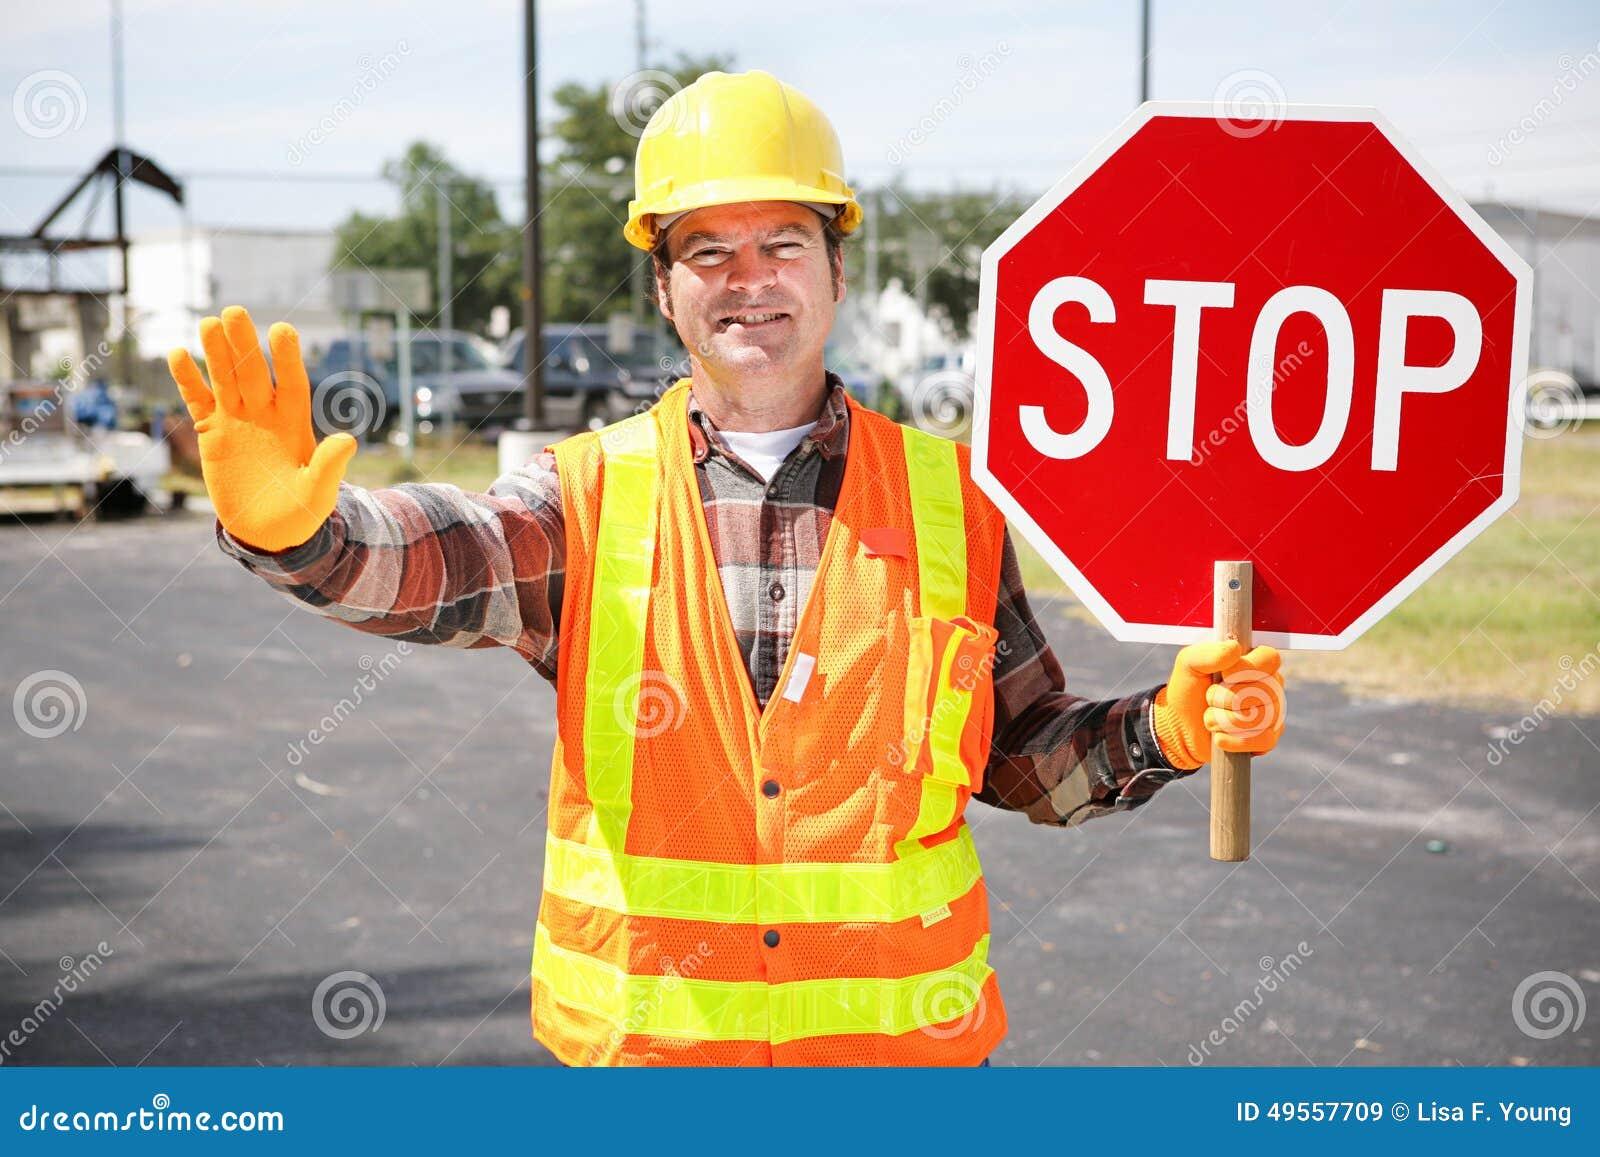 Bauarbeiter mit Endzeichen